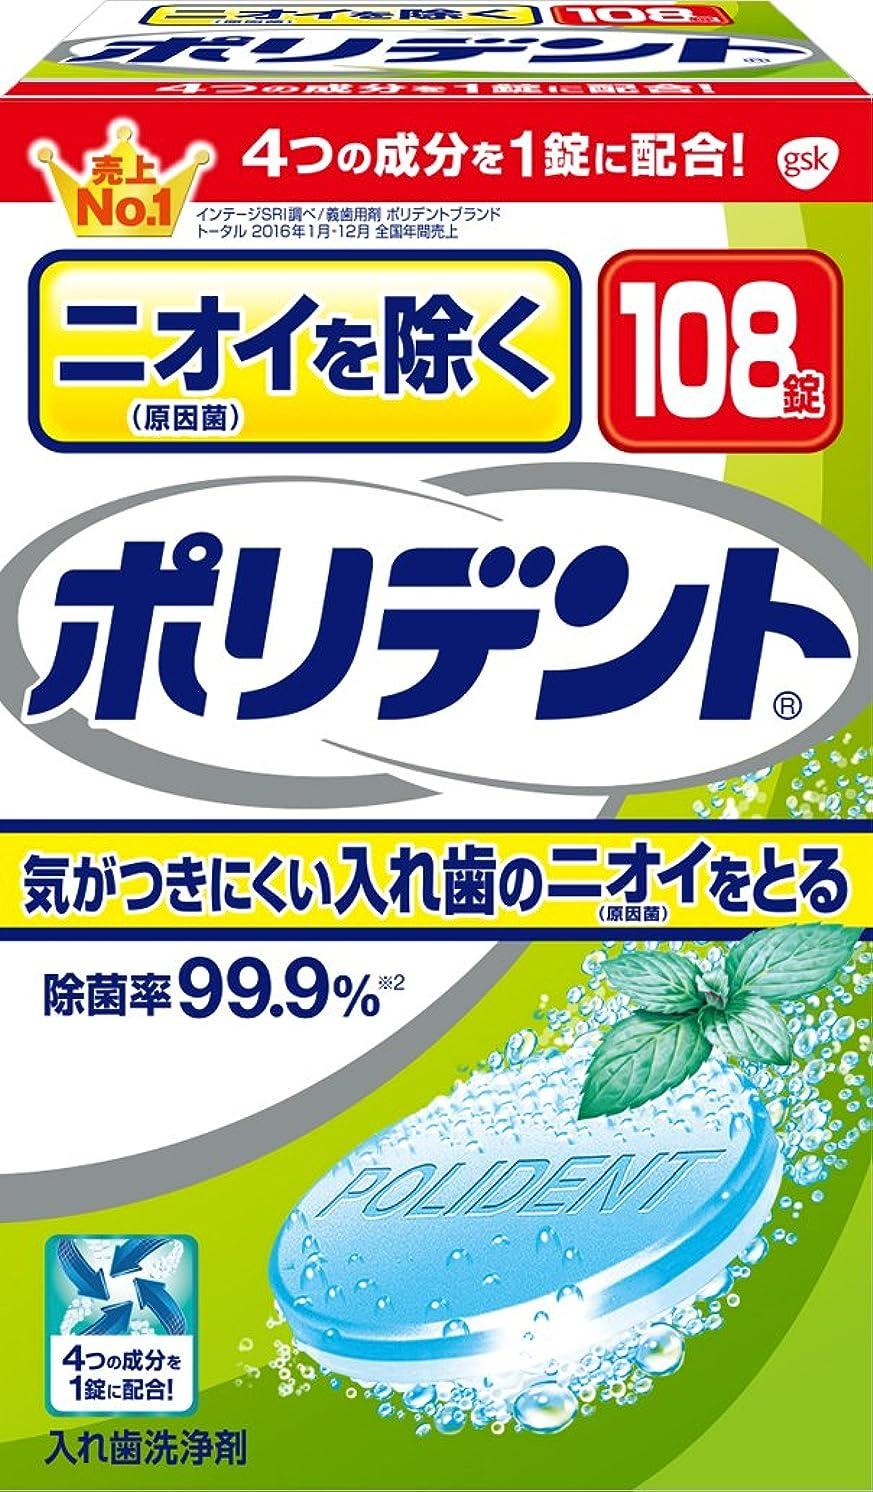 スキー糸コンデンサー入れ歯洗浄剤 ニオイを除く ポリデント 108錠